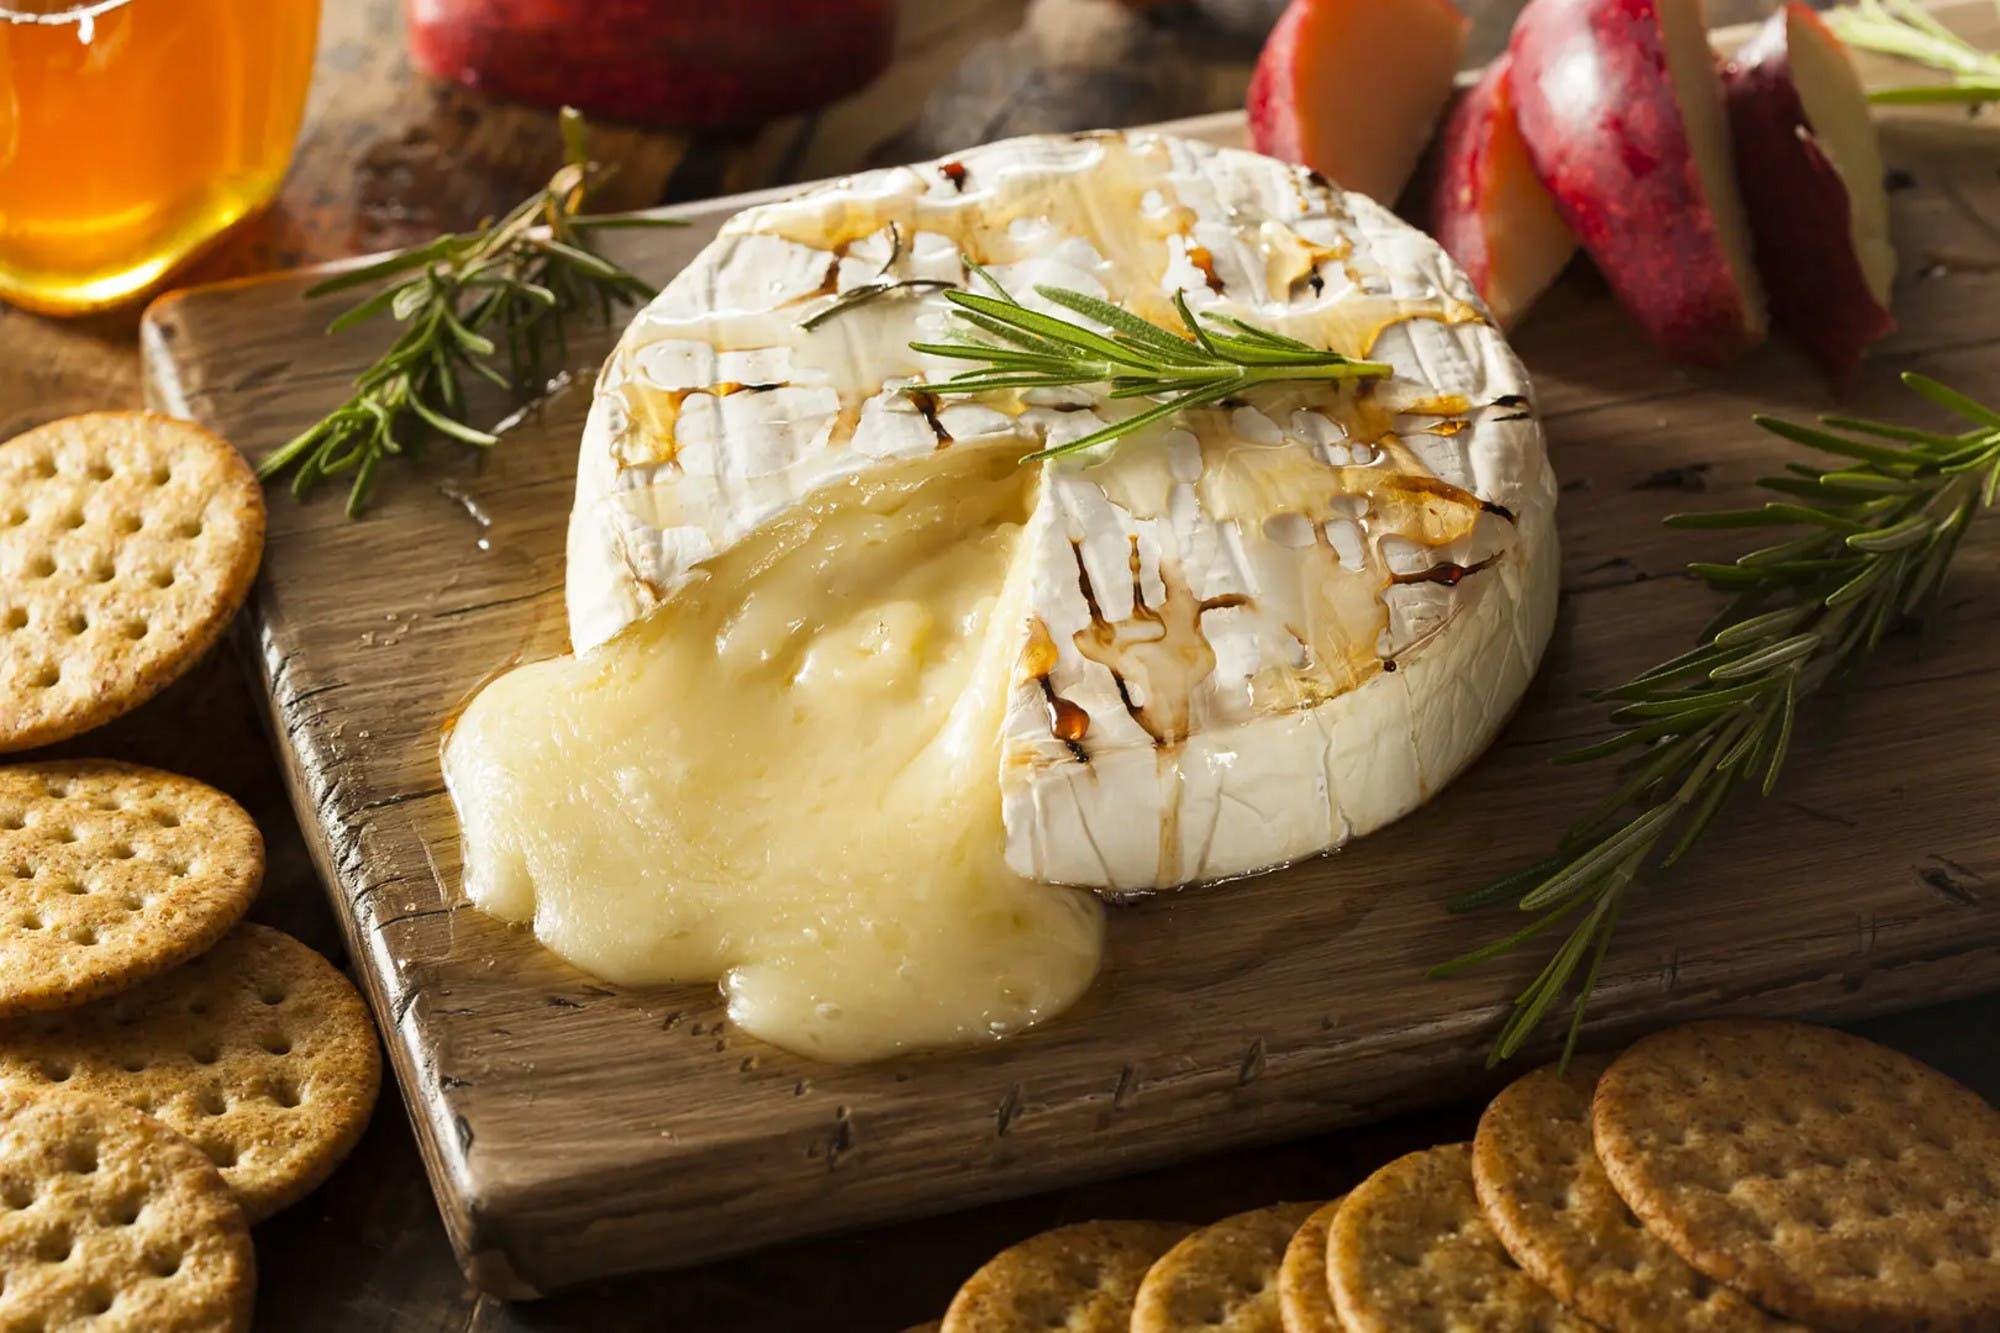 La Anmat prohibió una sal gruesa, dos quesos y una serie de productos médicos robados